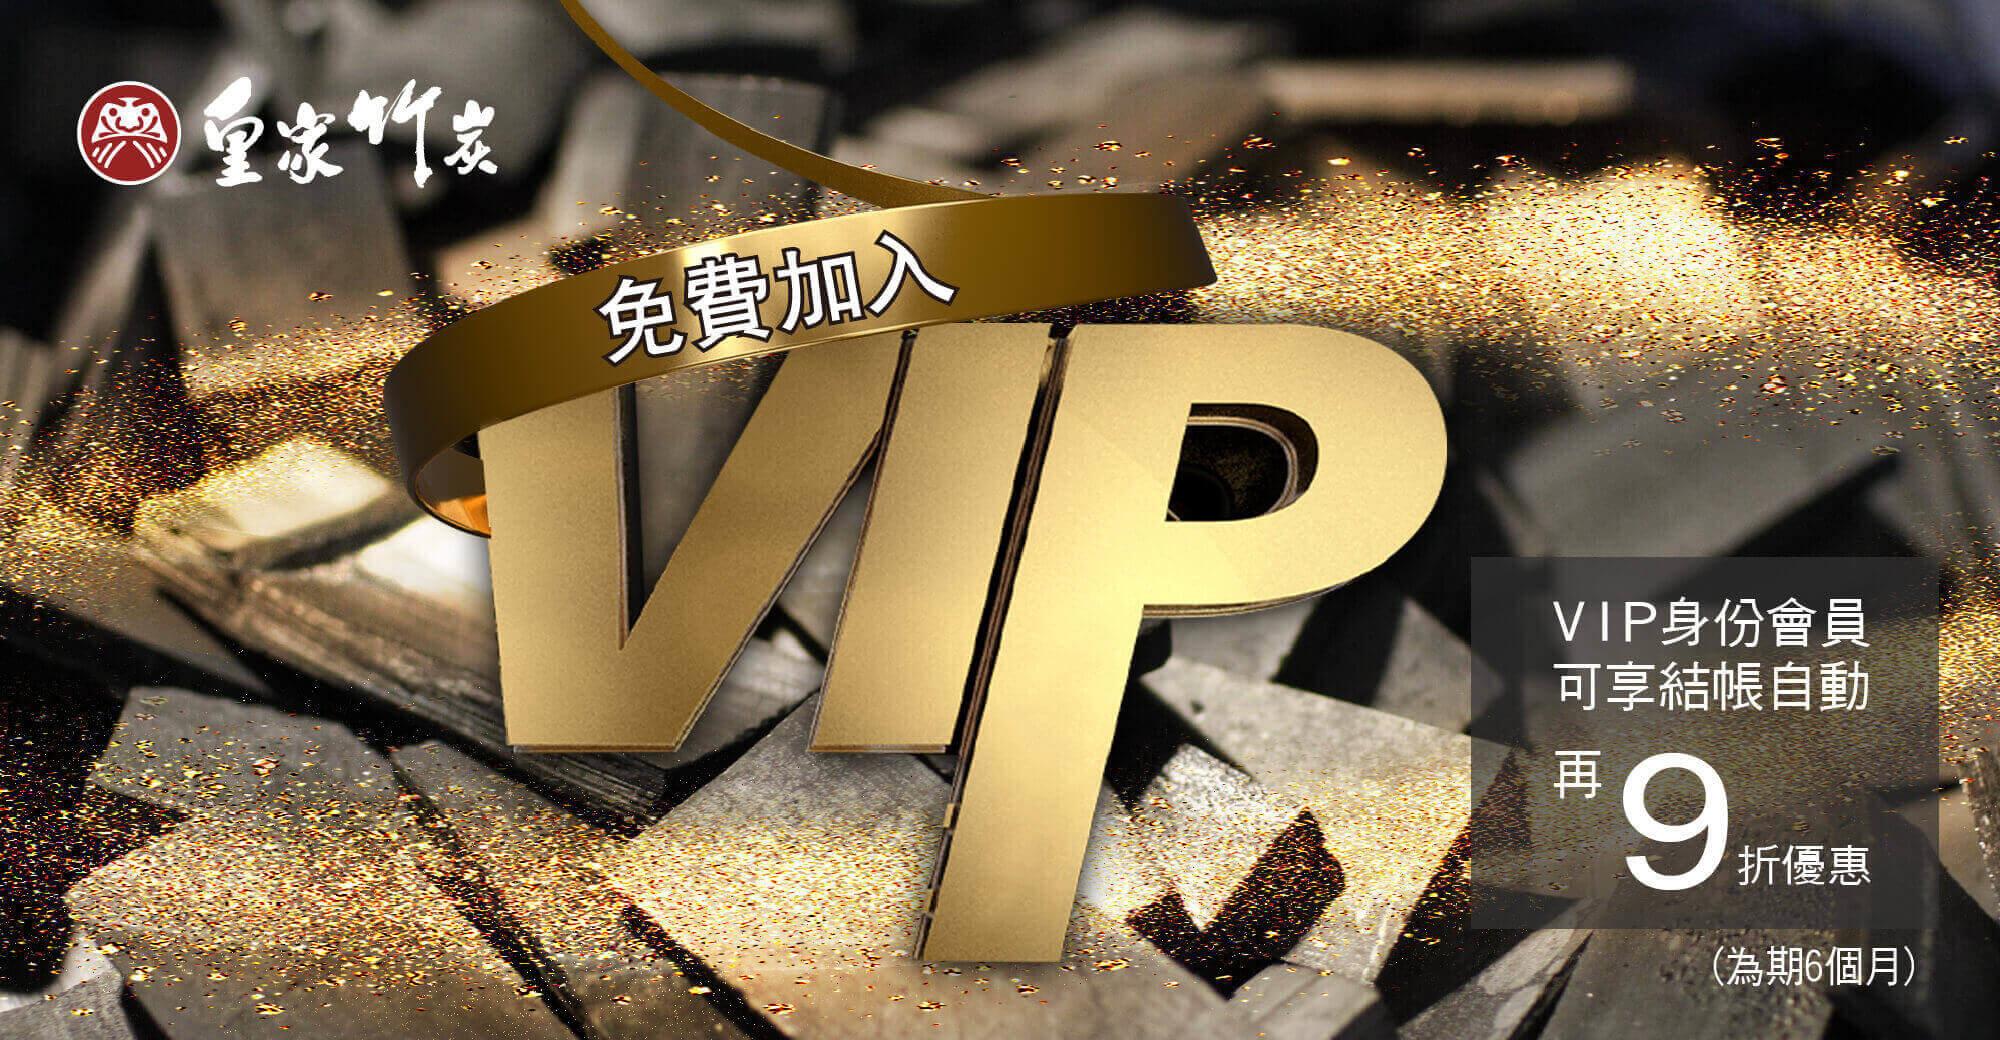 免費加入VIP活動自動再9折